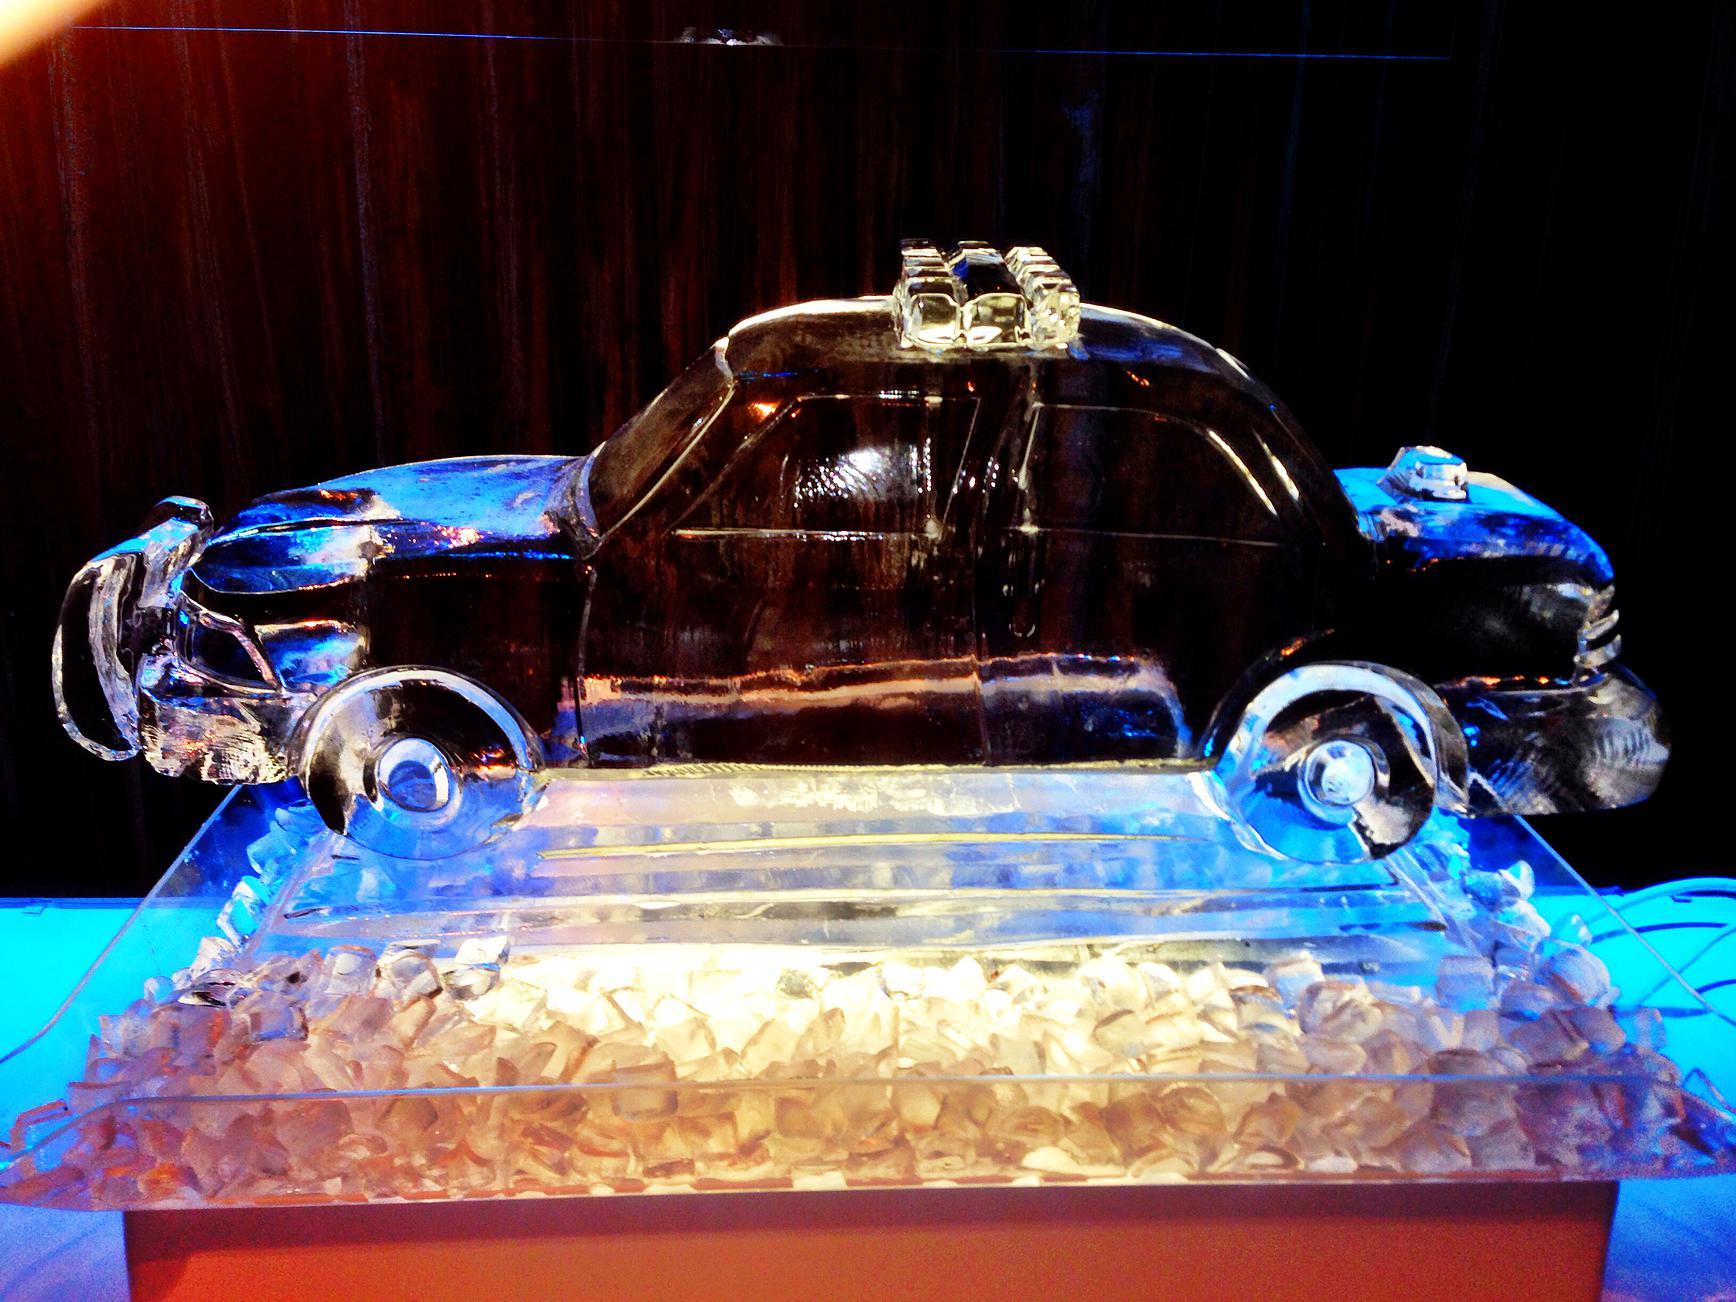 Cop car ice sculpture